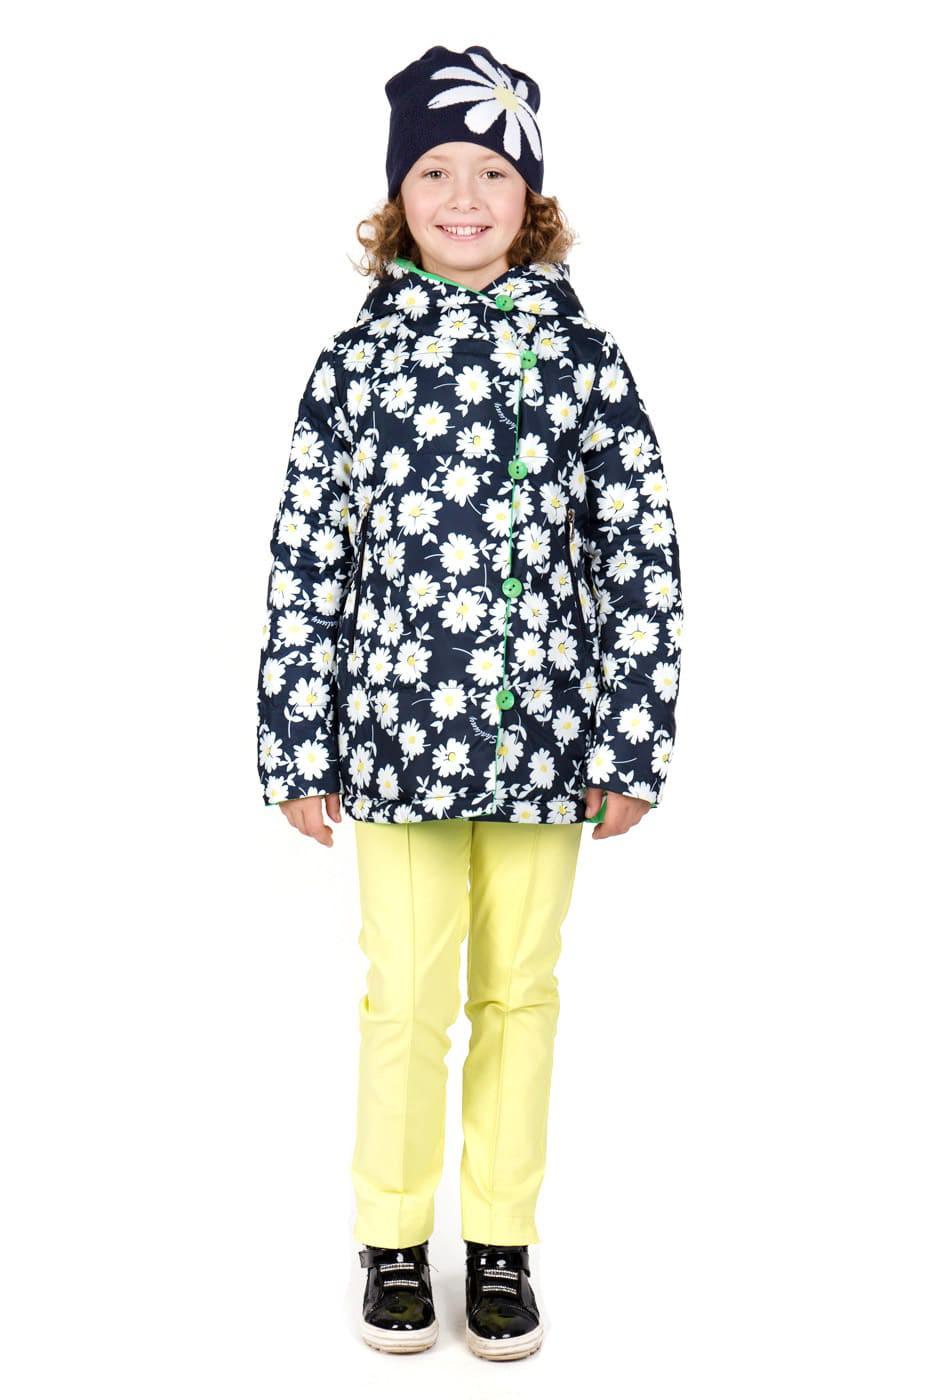 Сбор заказов. Детская одежда Озорники. Осень, зима верхняя одежда.Без рядов.Выкуп-37